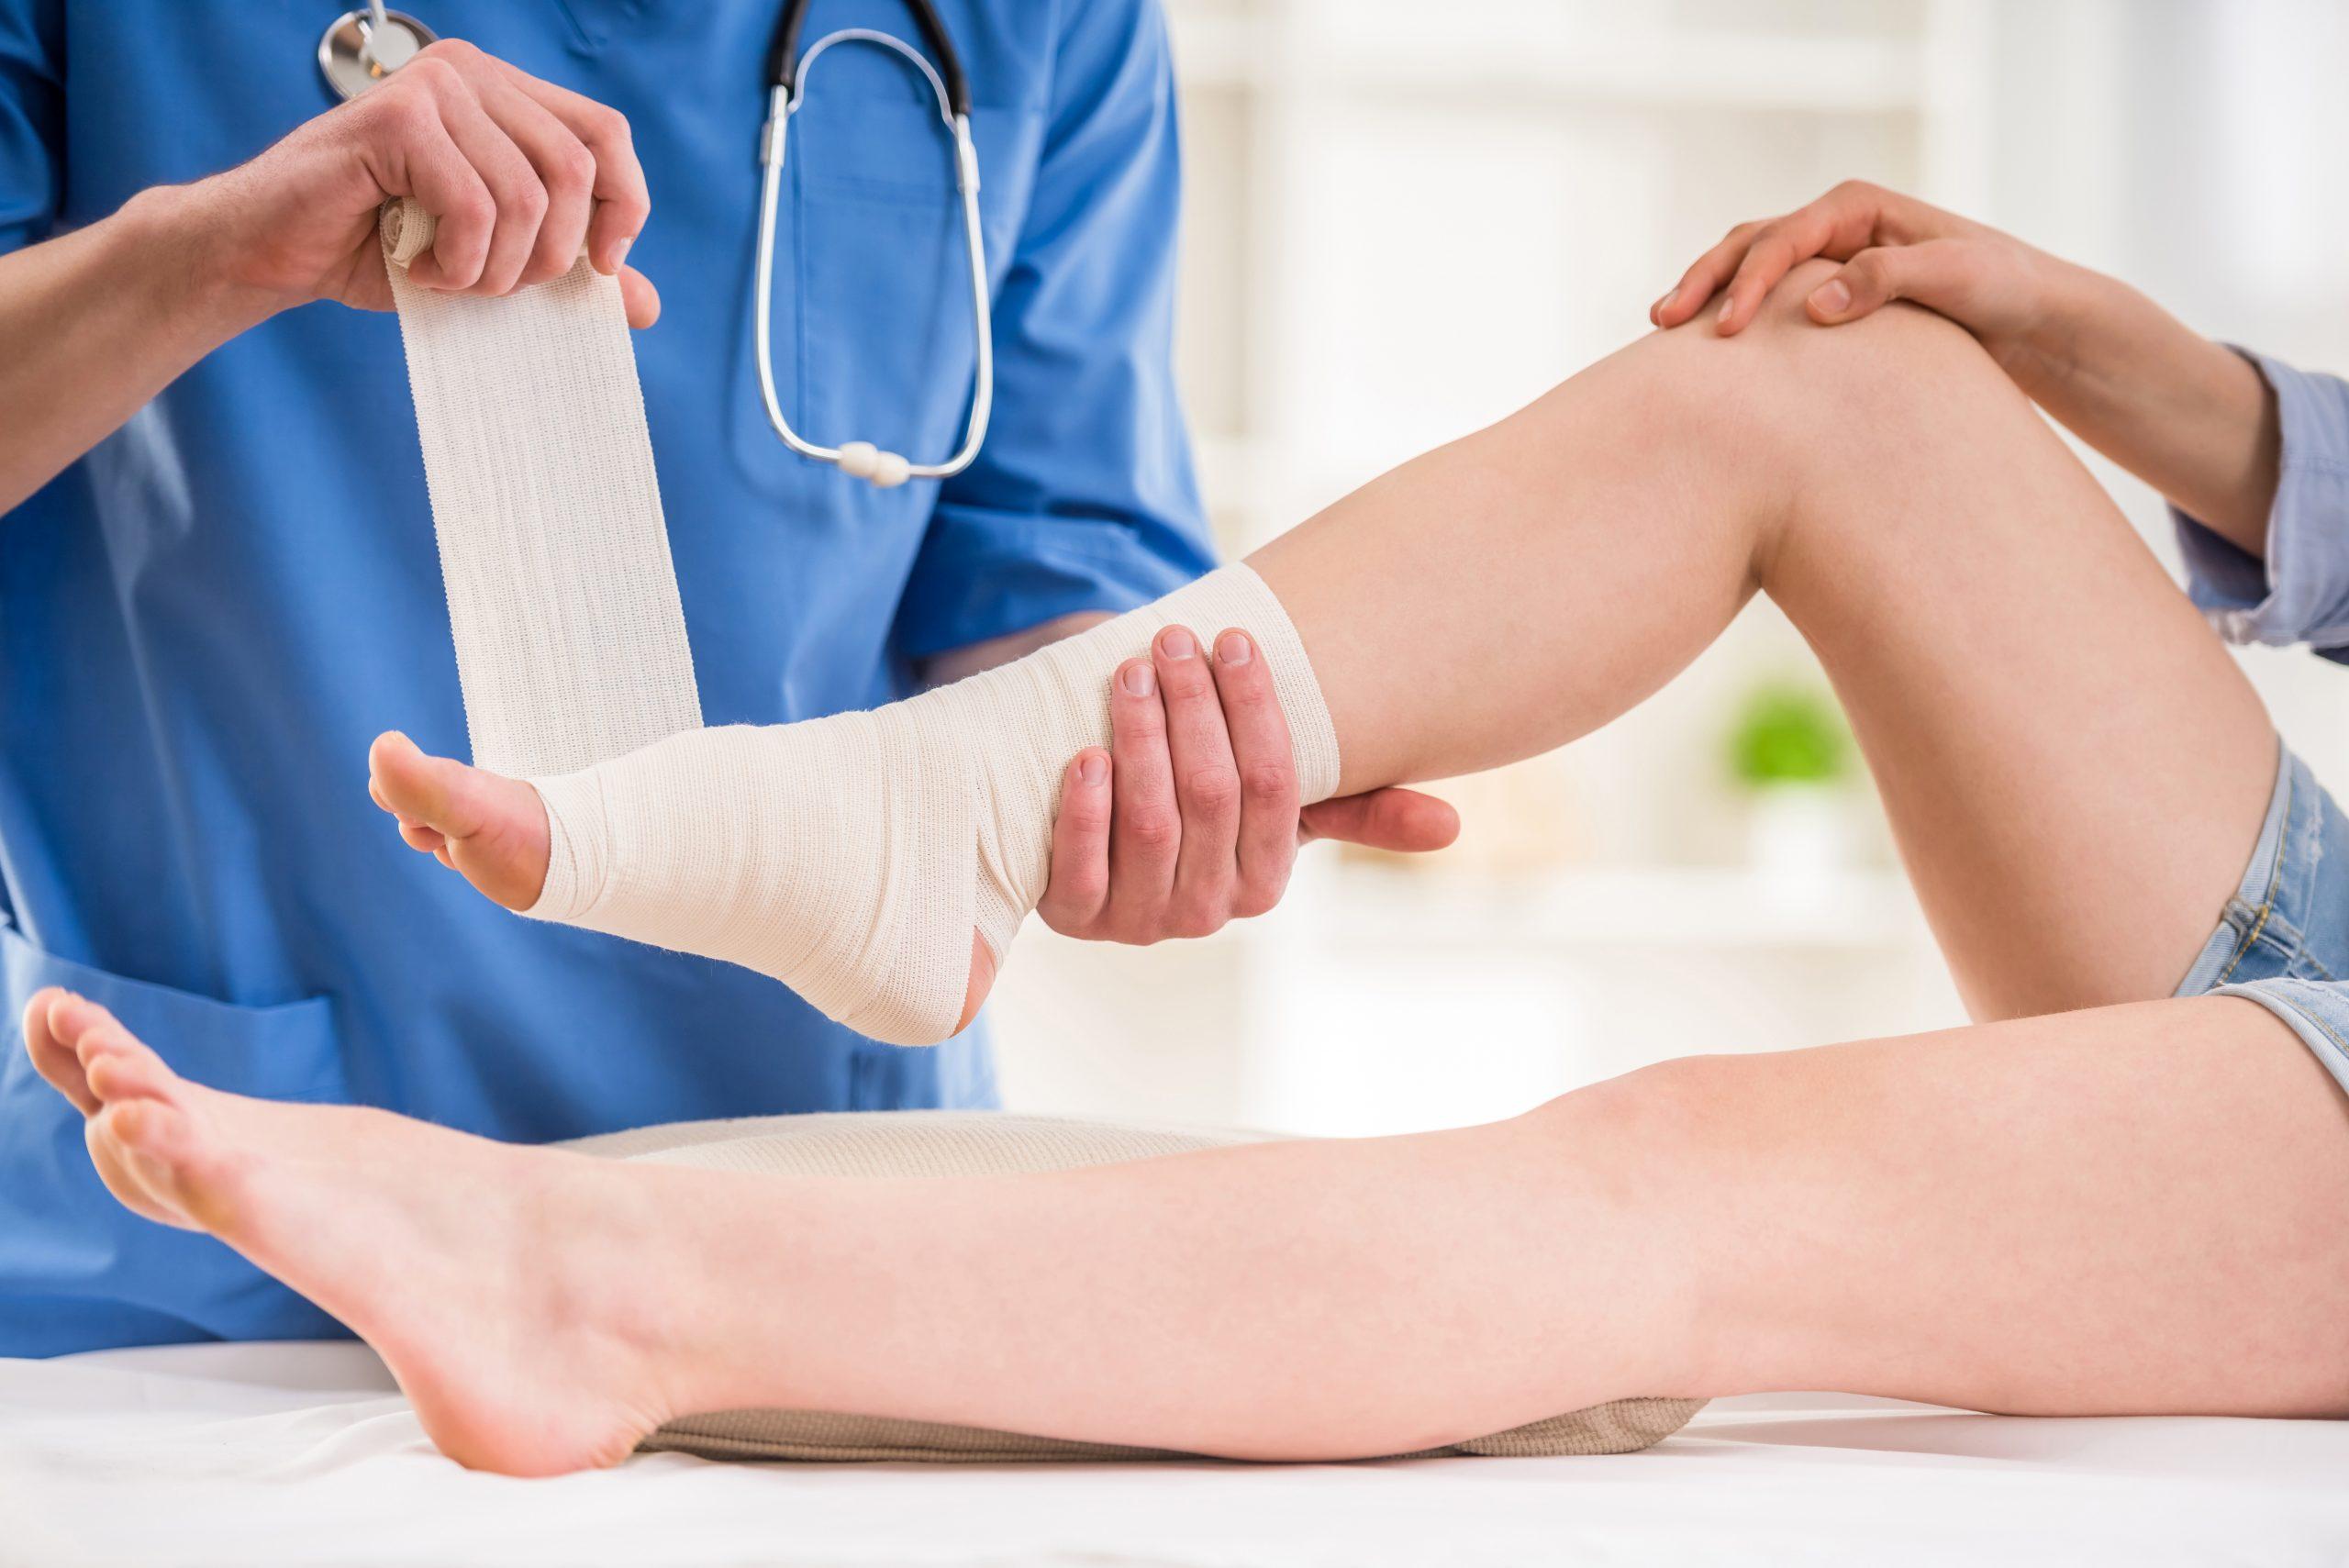 hogyan lehet kezelni a bokaízület osteoporosisát)